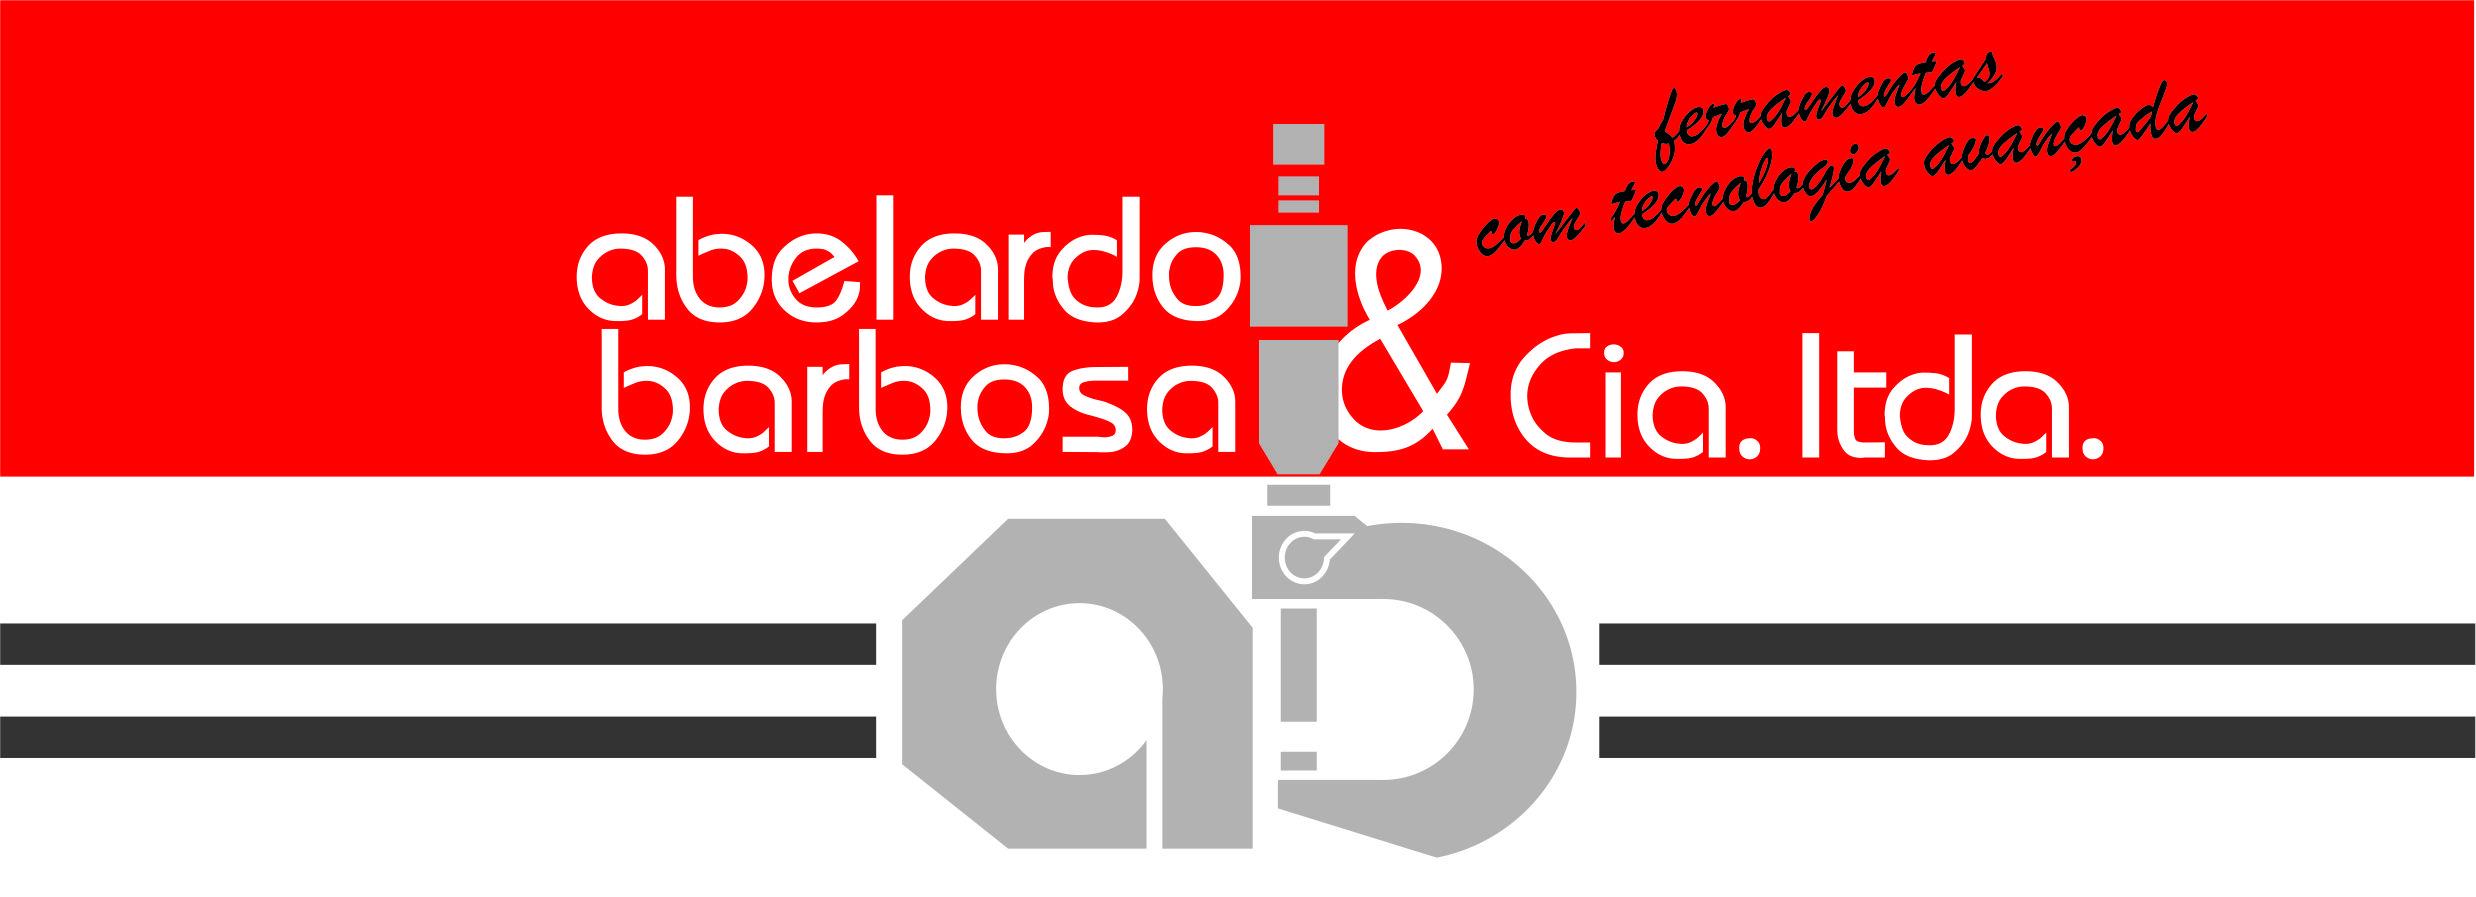 Abelardo Barbosa